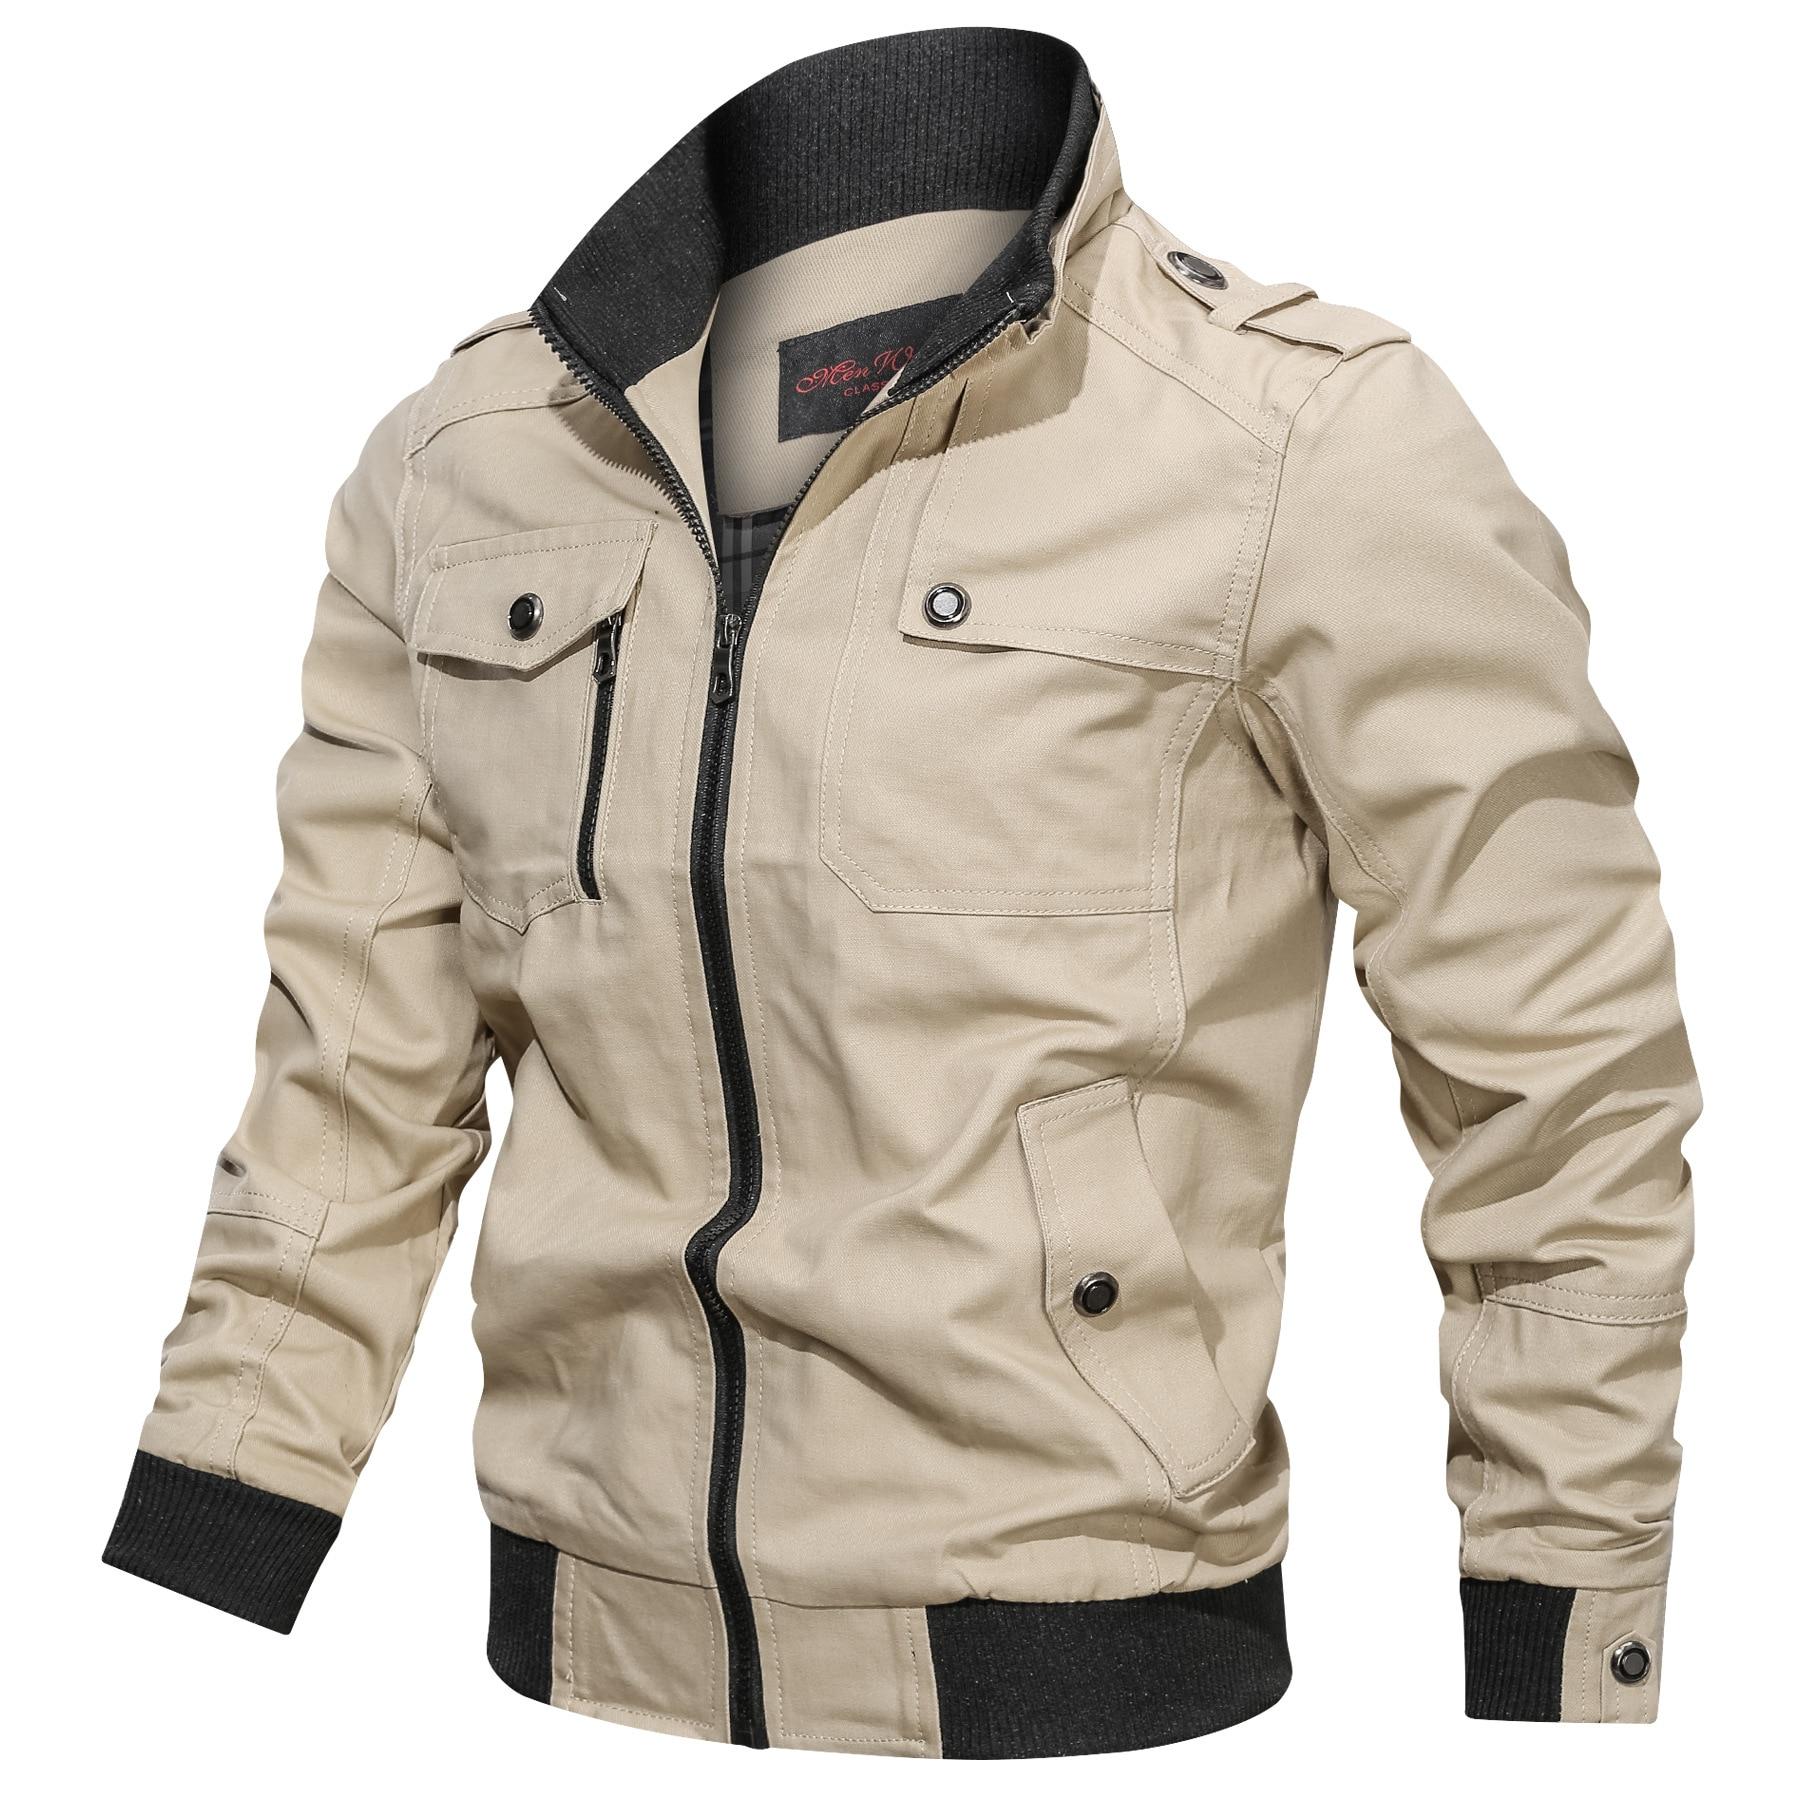 Мужская куртка и пальто NEGIZBER, однотонная приталенная куртка в стиле сафари, Повседневная белая куртка с воротником-стойкой, весна-осень 2019